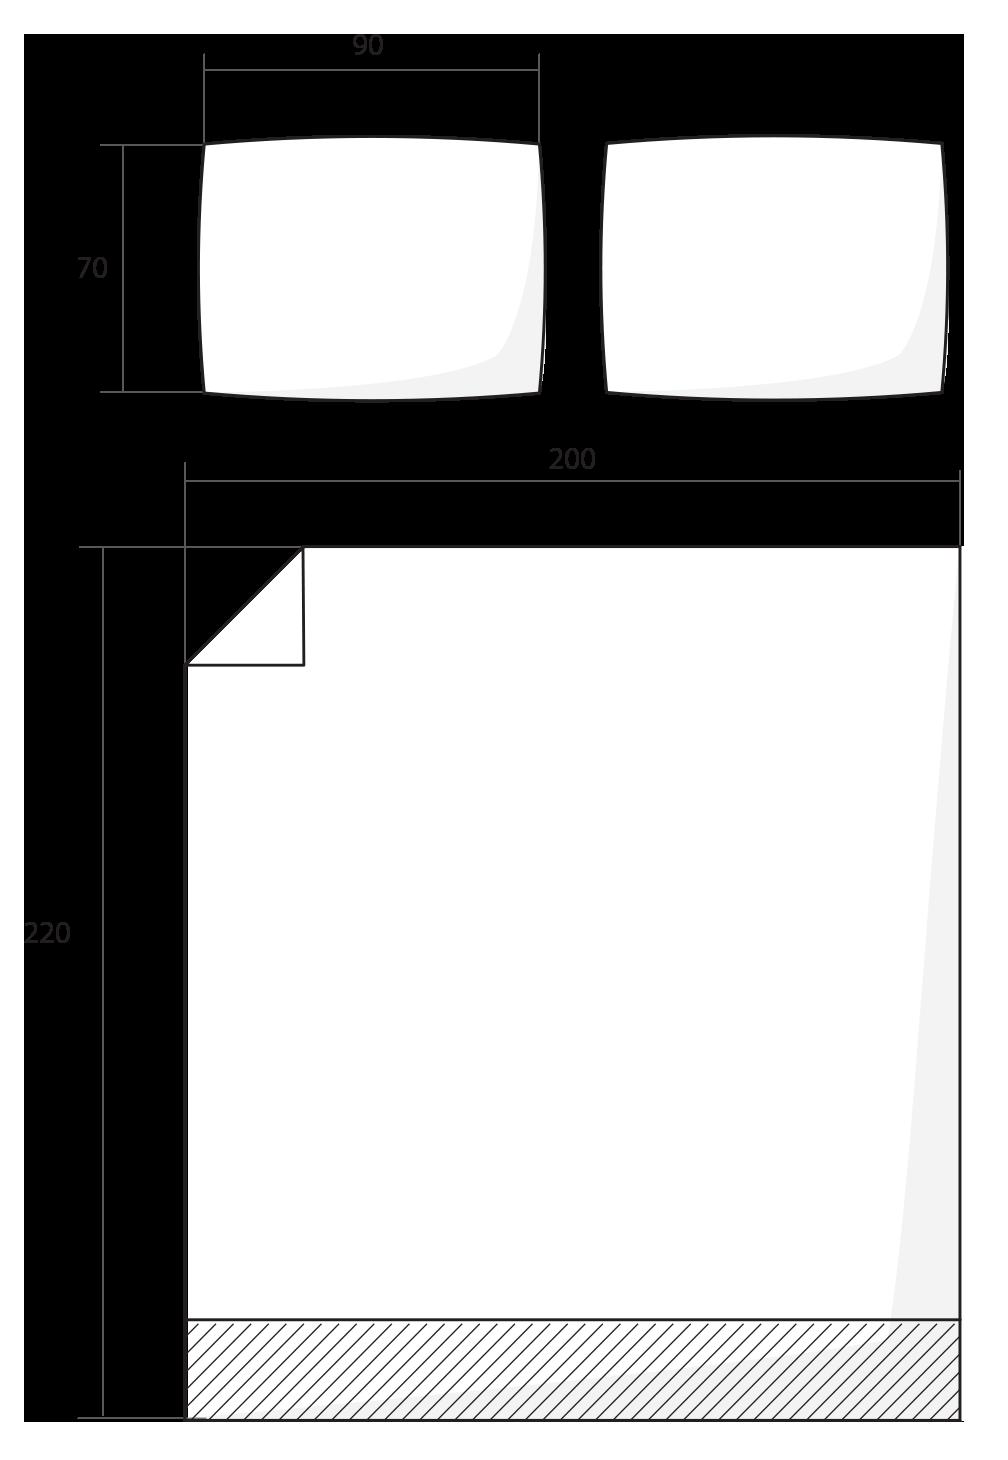 ilustrace francouzské povlečení 200x220